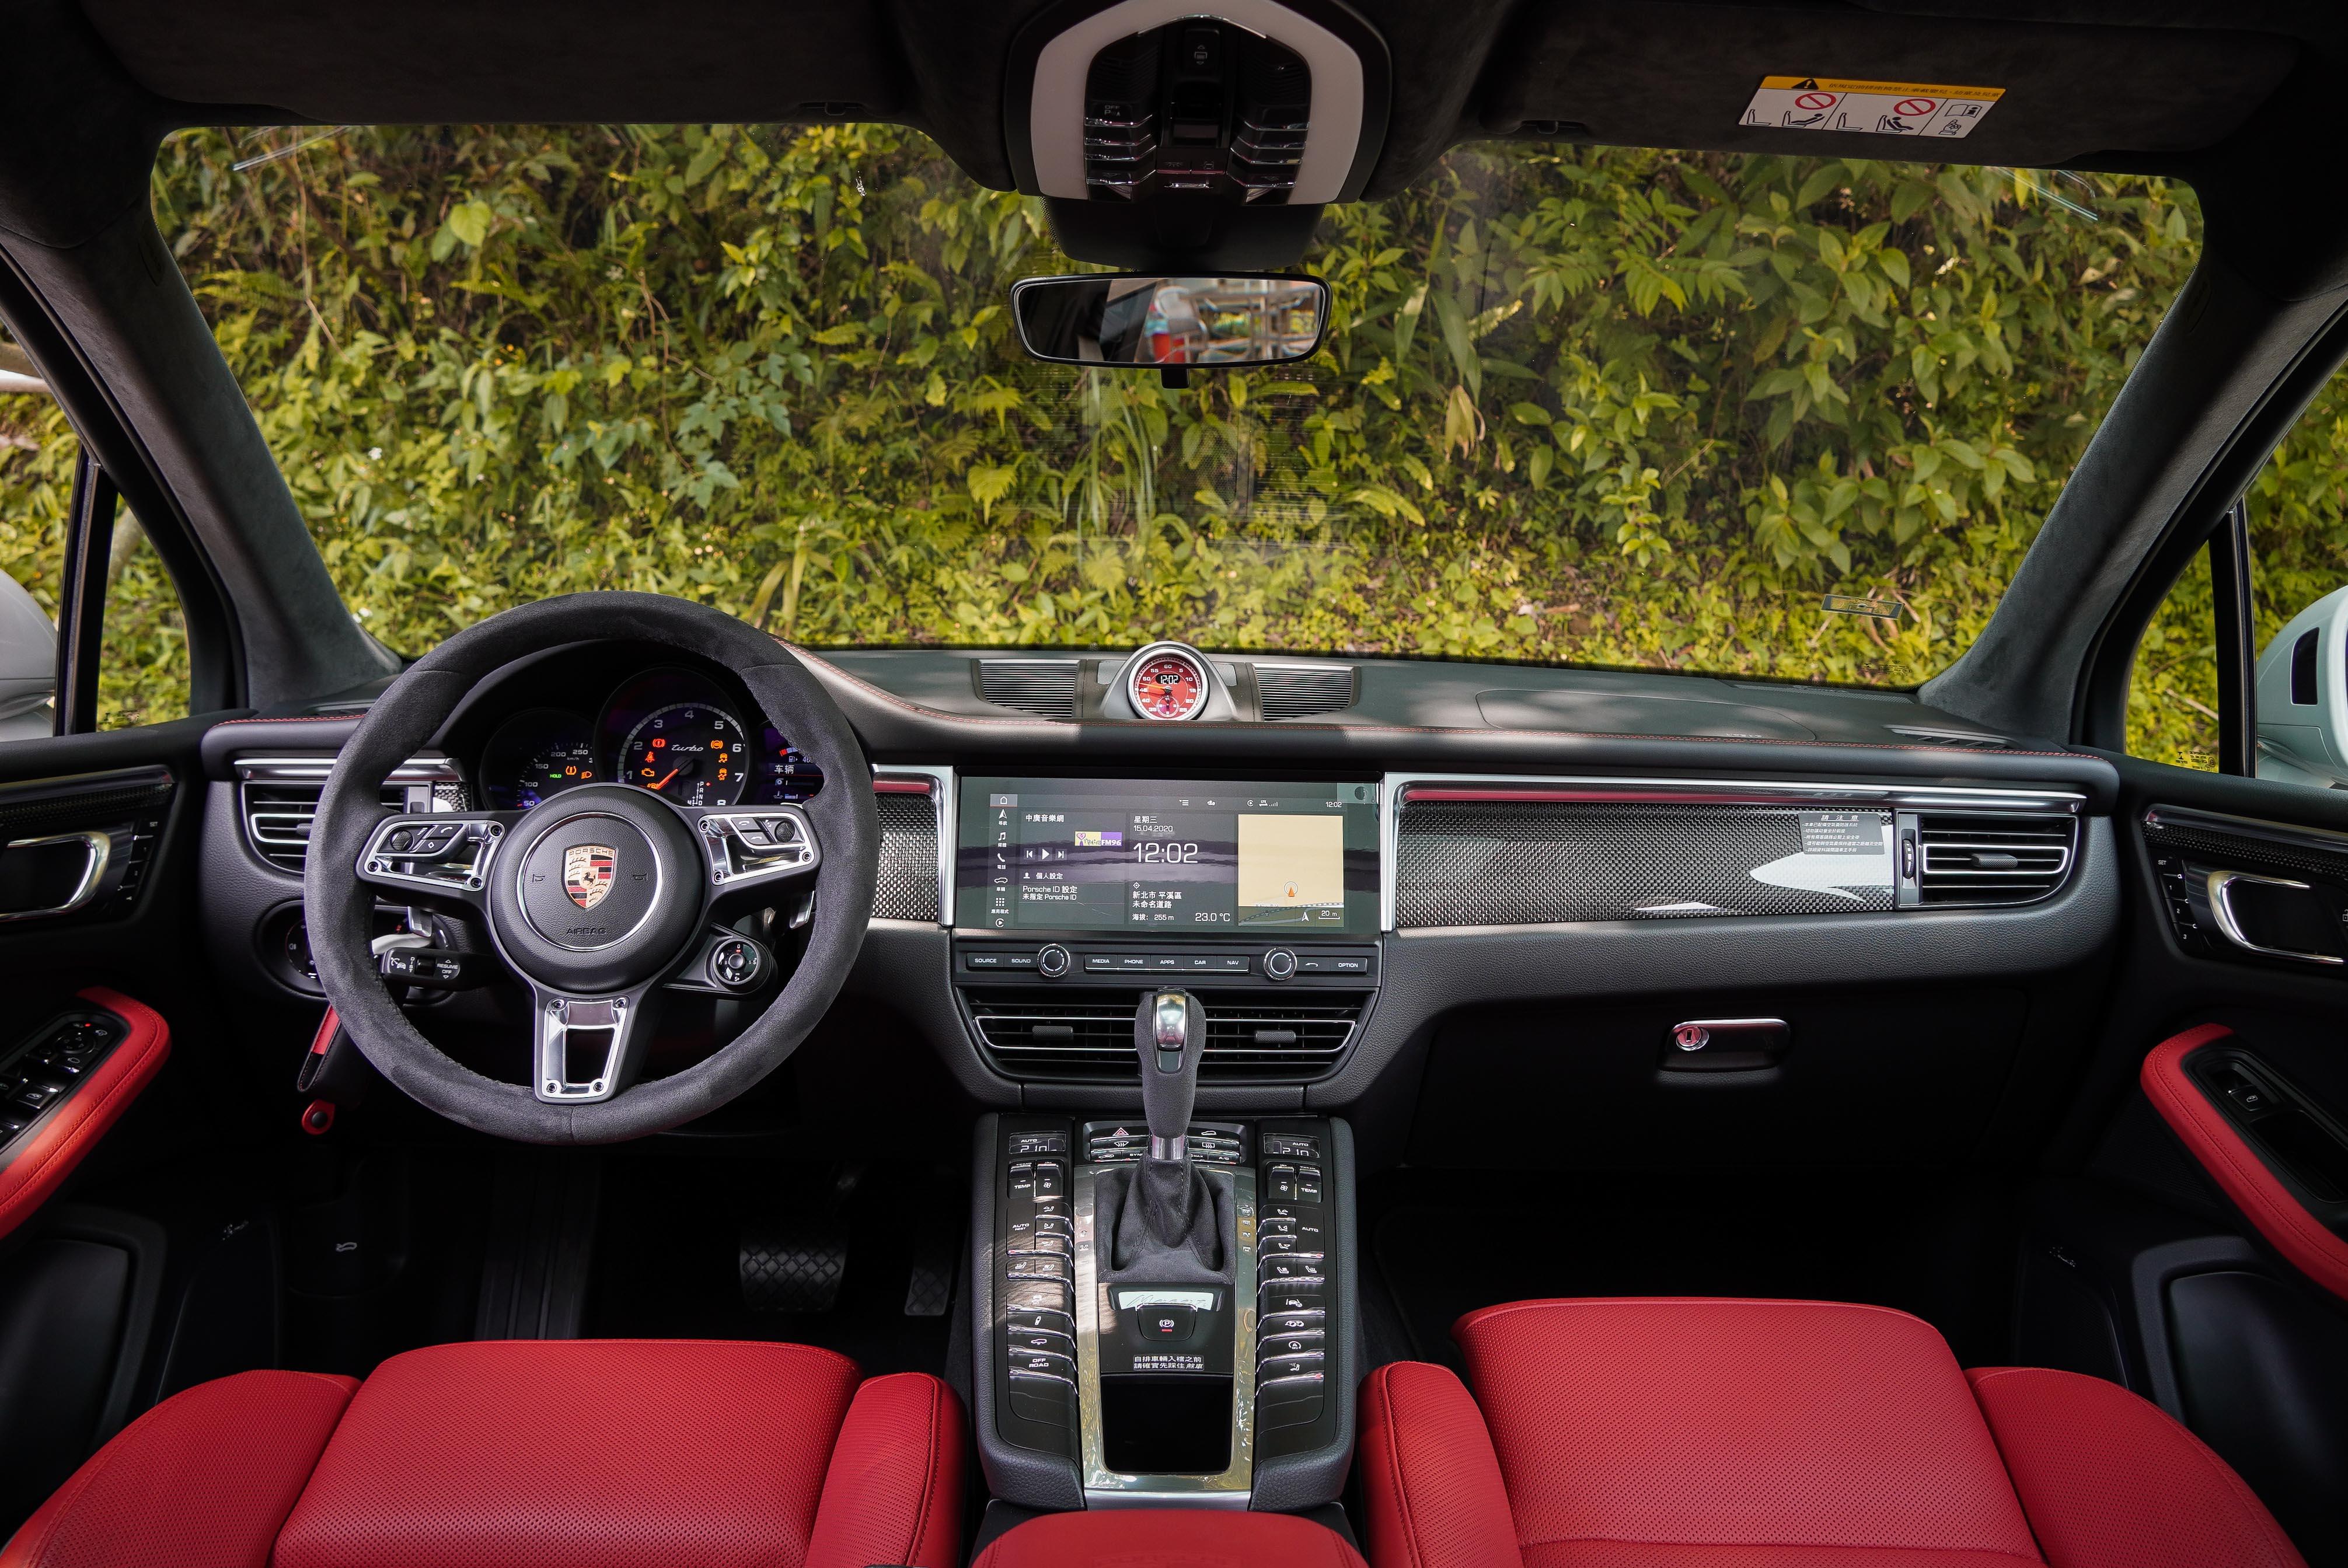 試駕車選配碳纖維內裝飾板套件,以及黑 / 石榴紅雙色真皮套件。